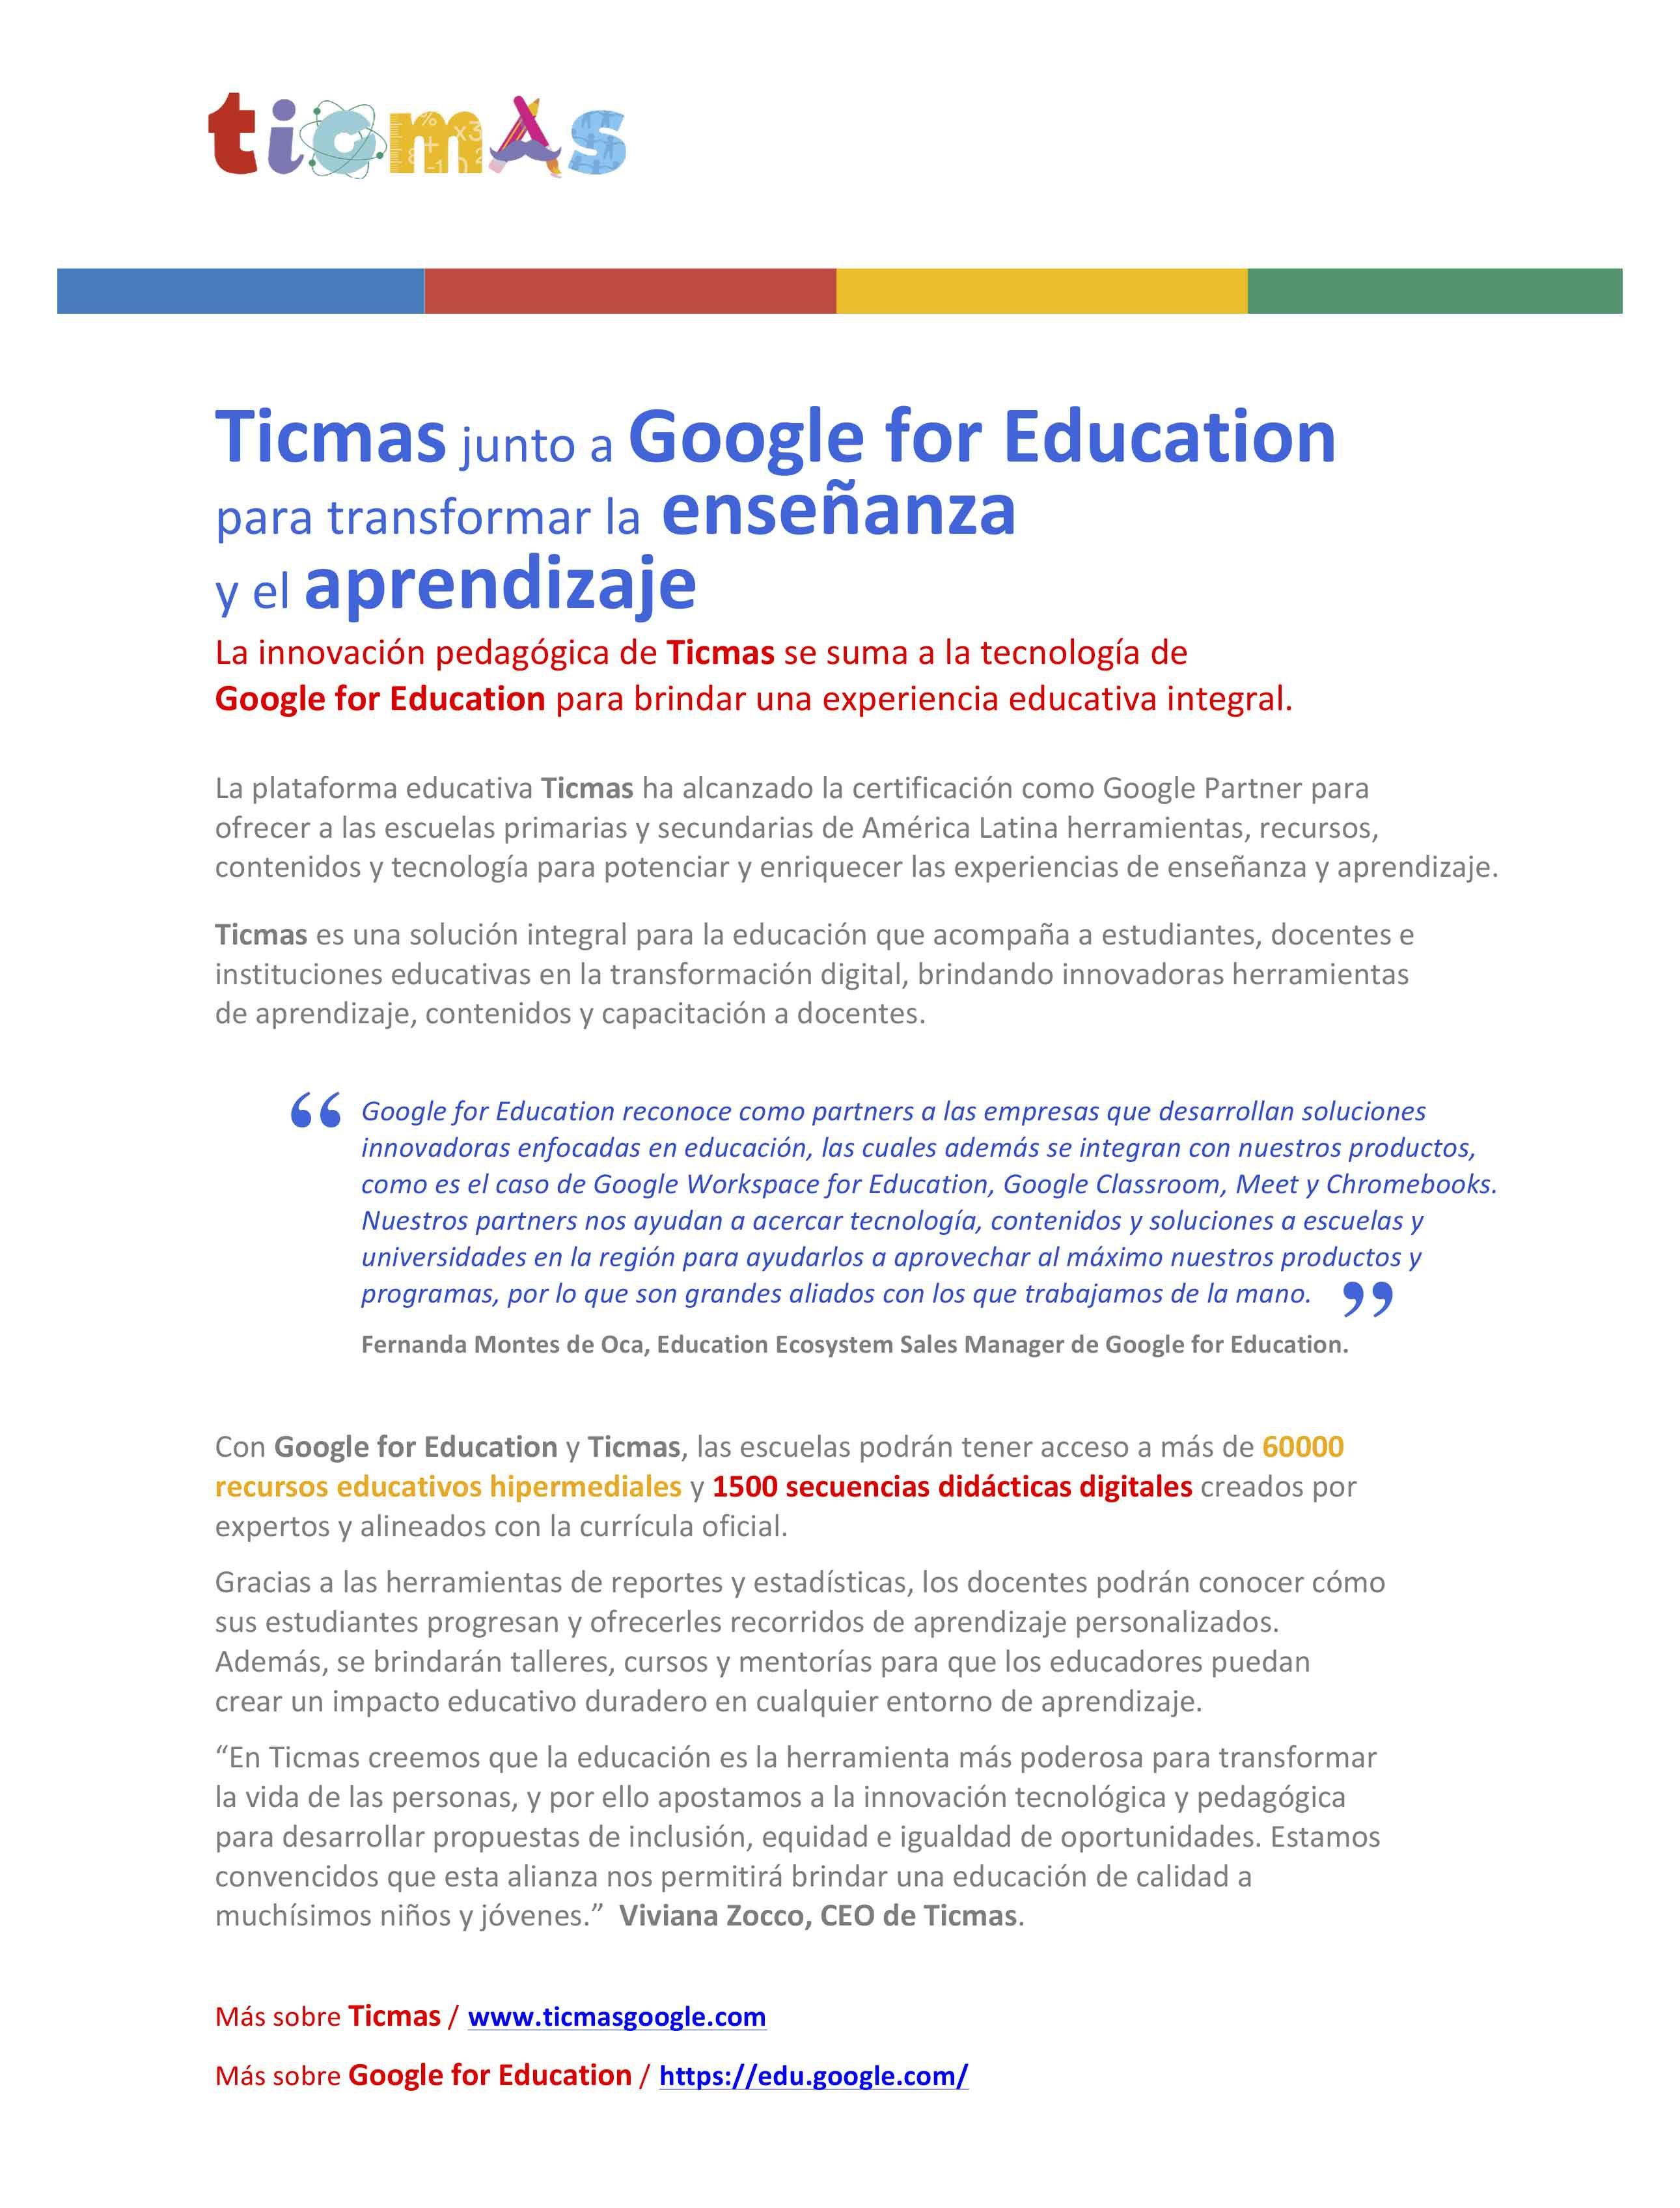 Ticmas - Goolge - Educación